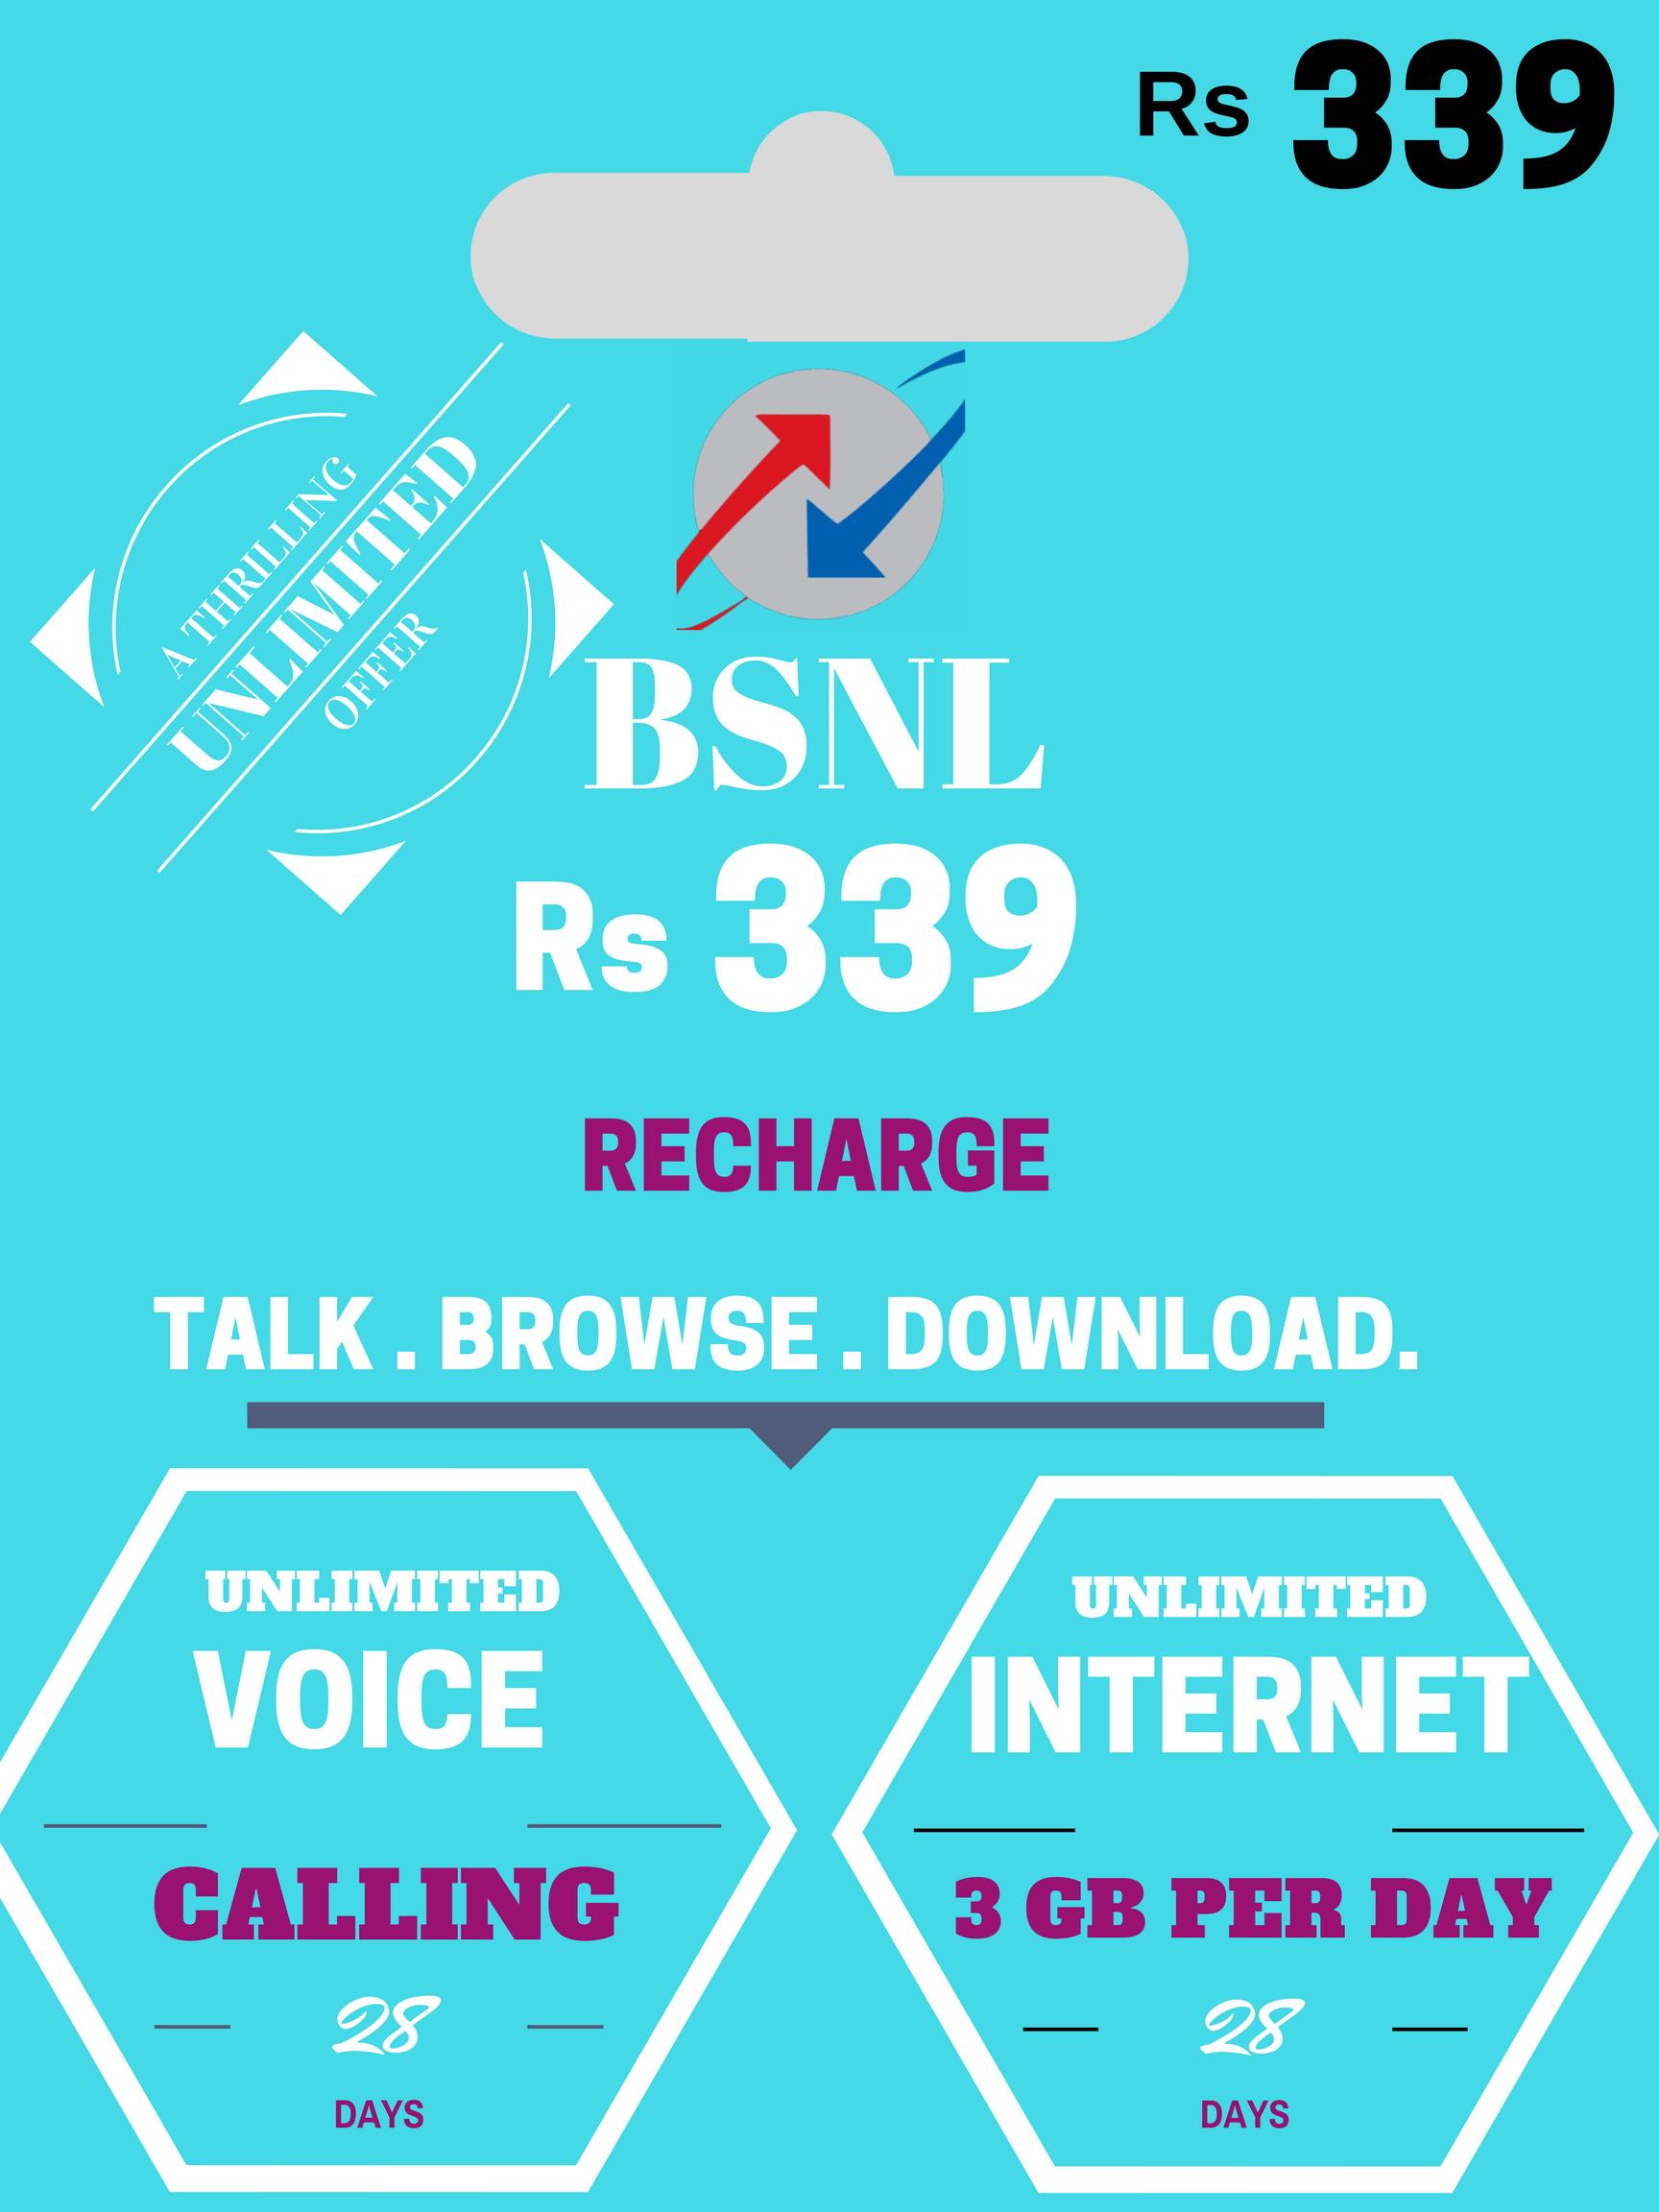 bsnl-339-plan-bsnl-new-offer